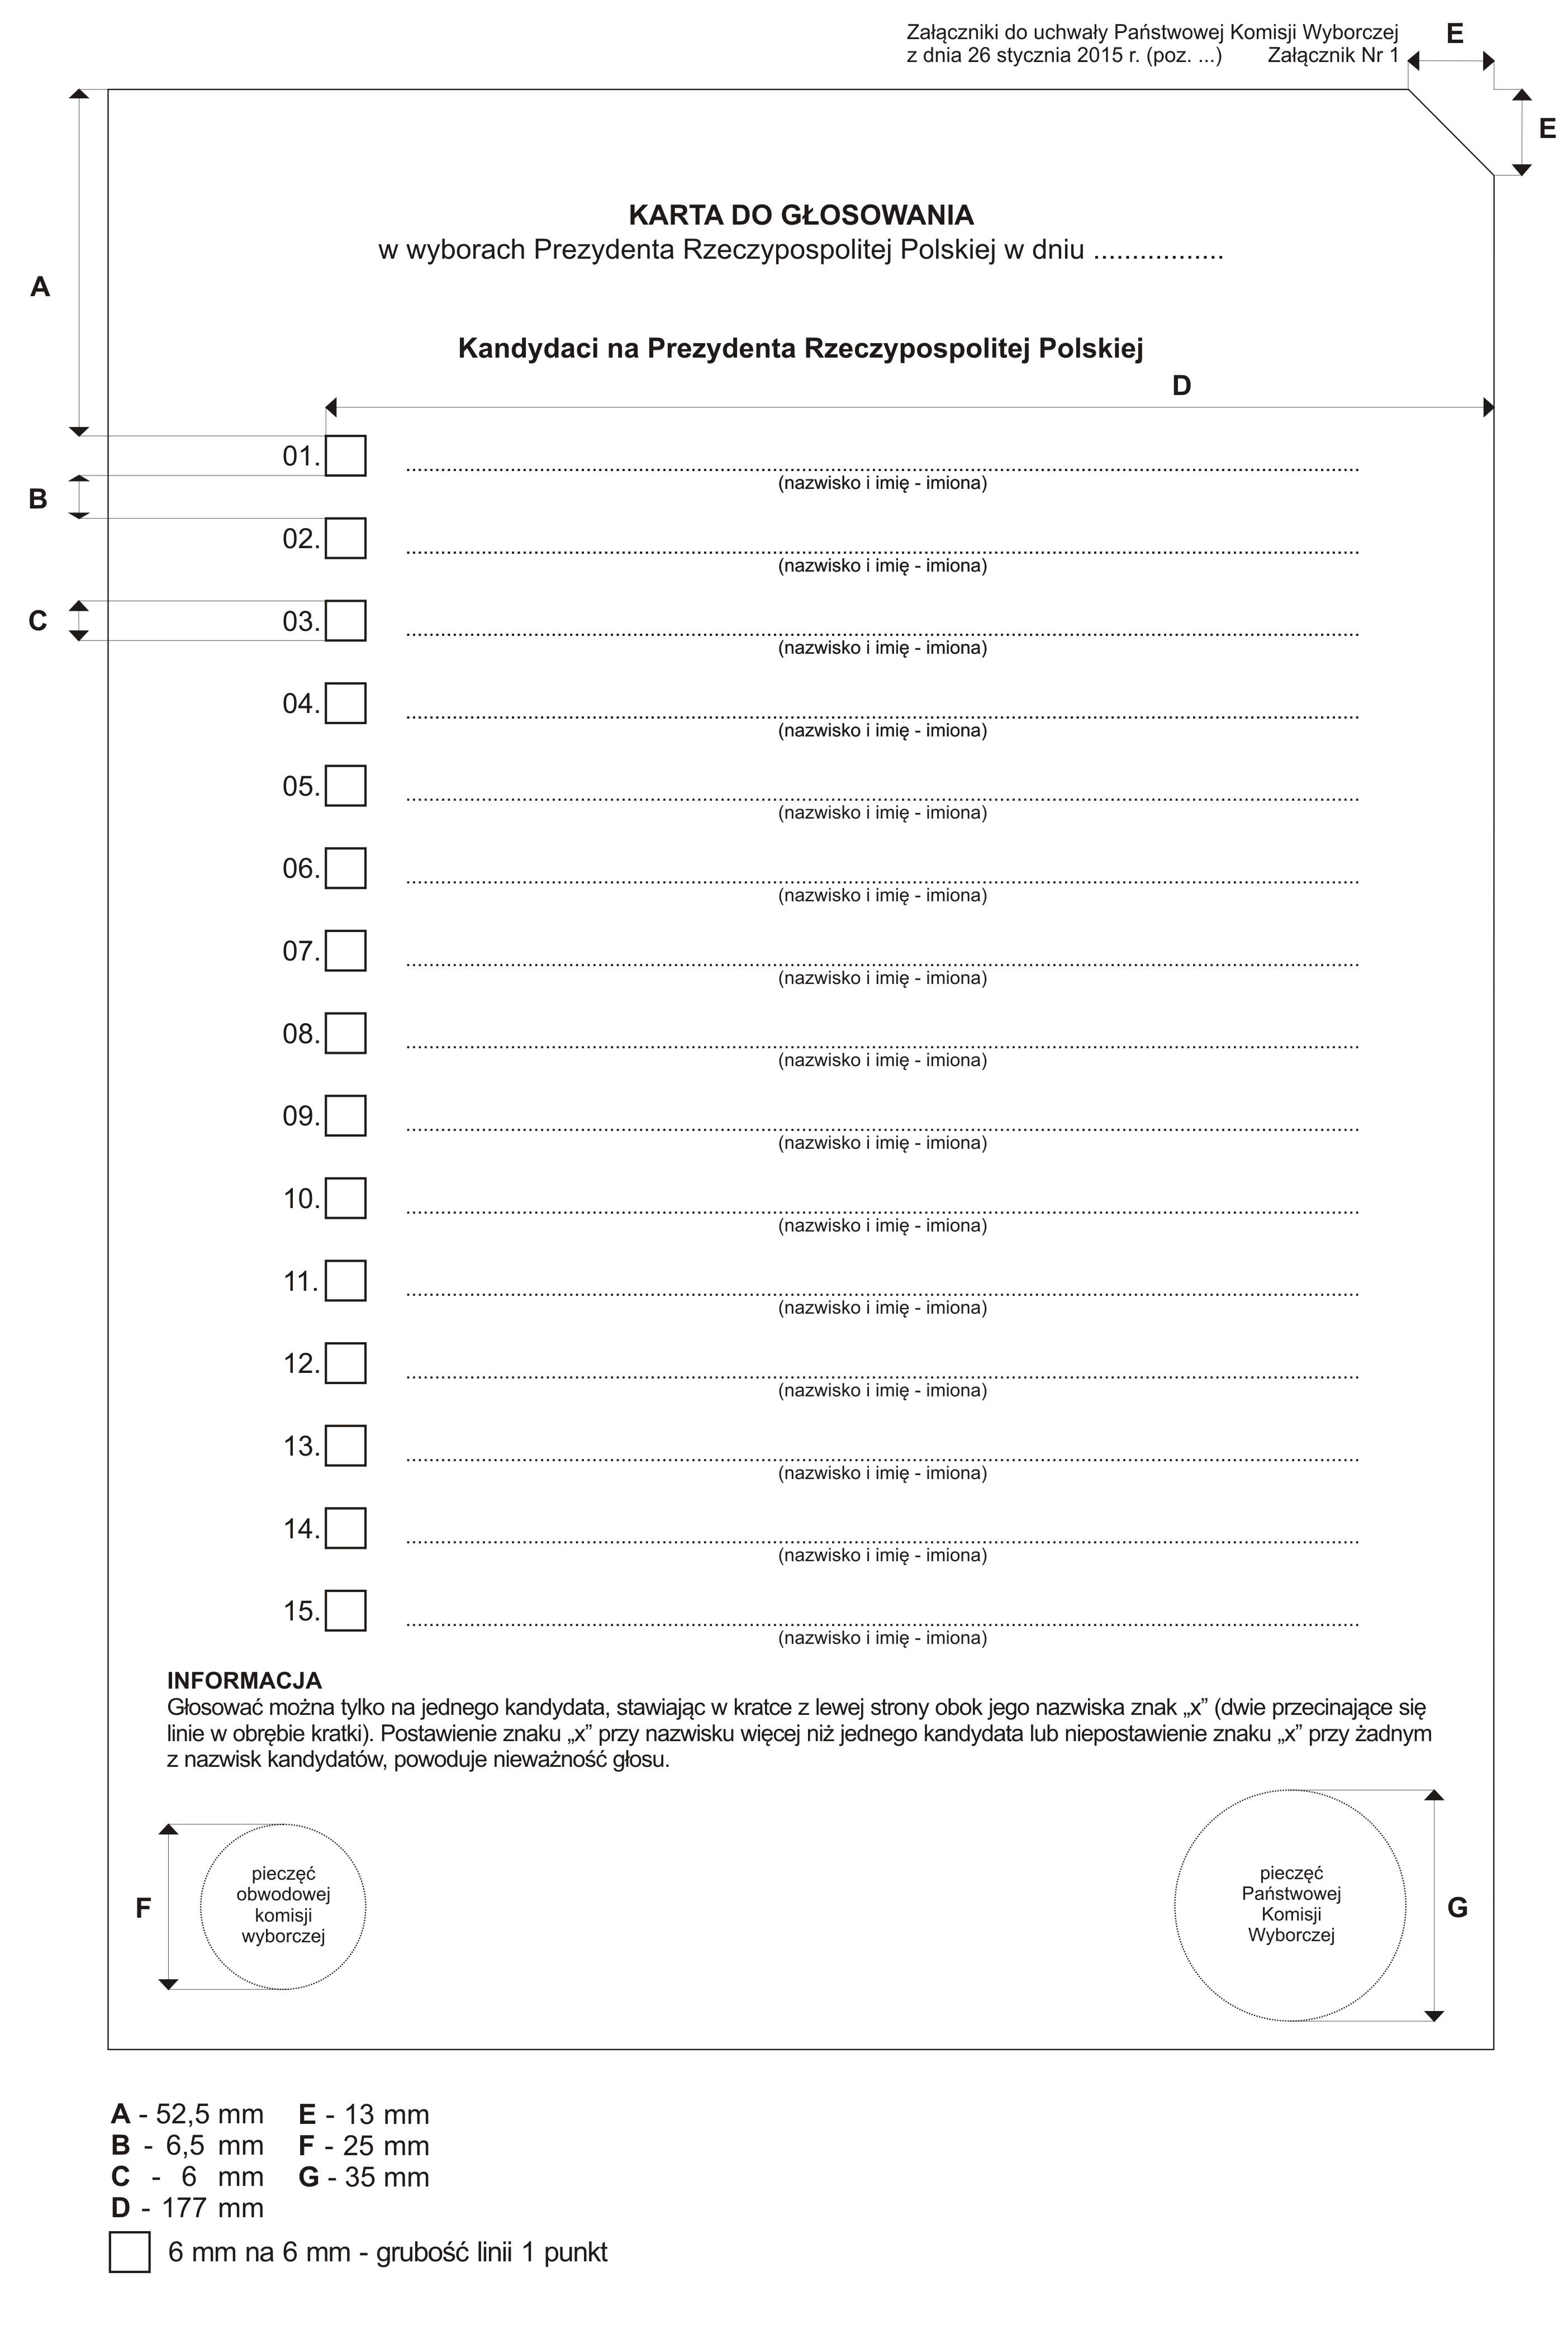 Wzór karty wyborczej